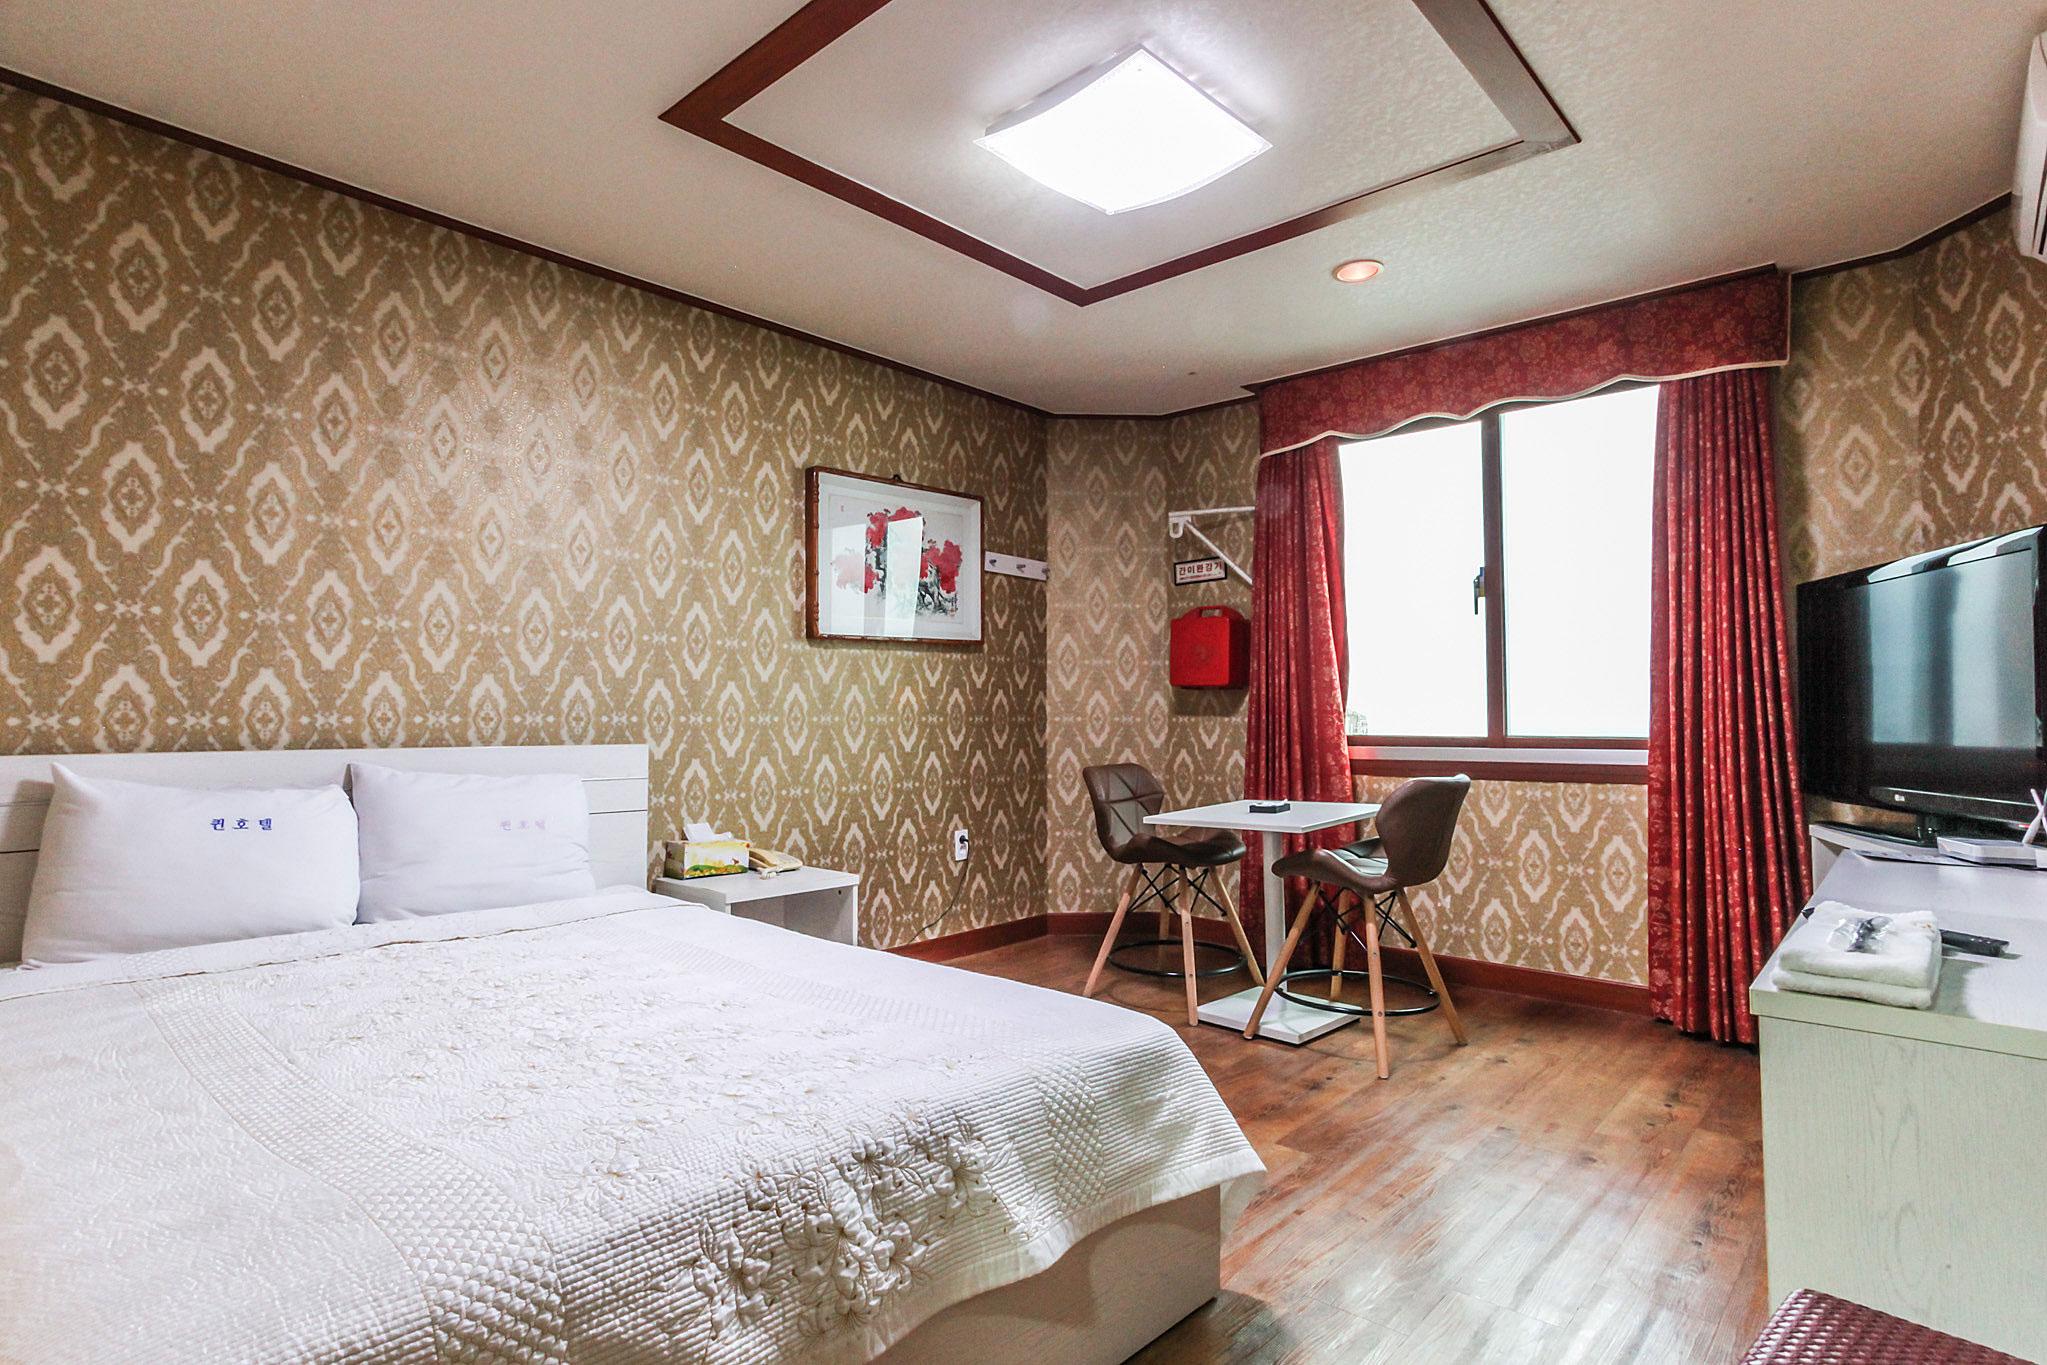 서귀포 퀸 호텔 썸네일2